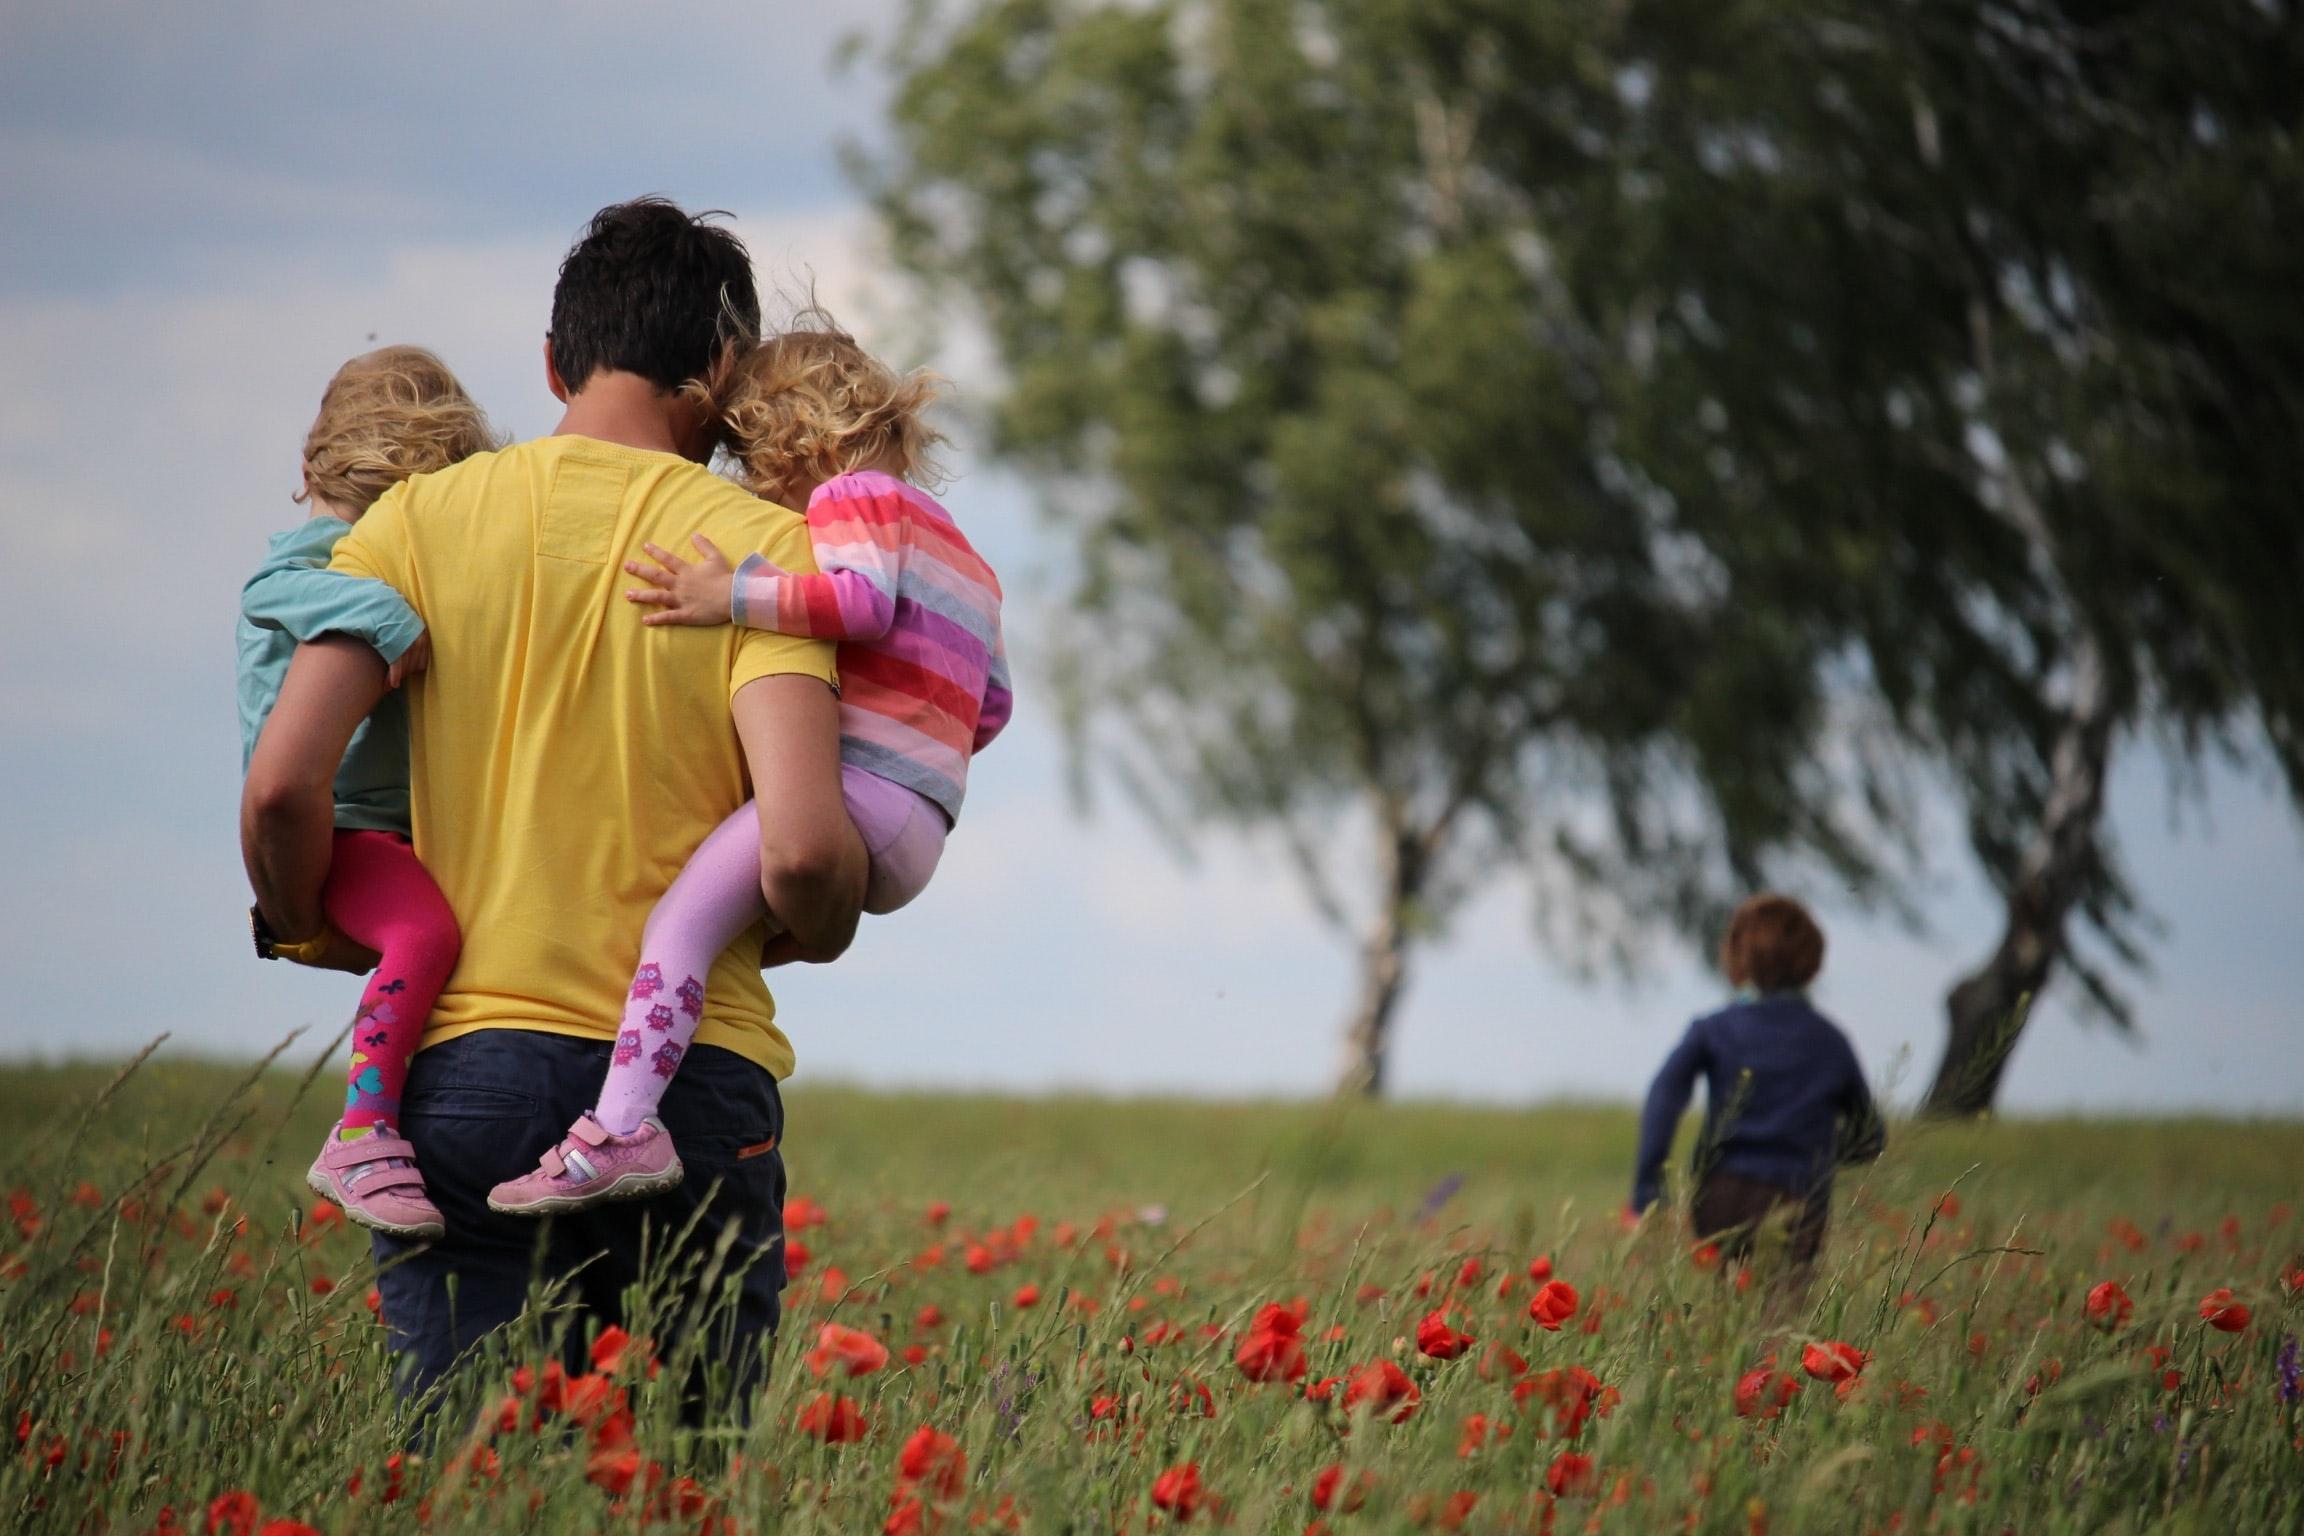 Kaip kaupti vaiko ateičiai 2021?